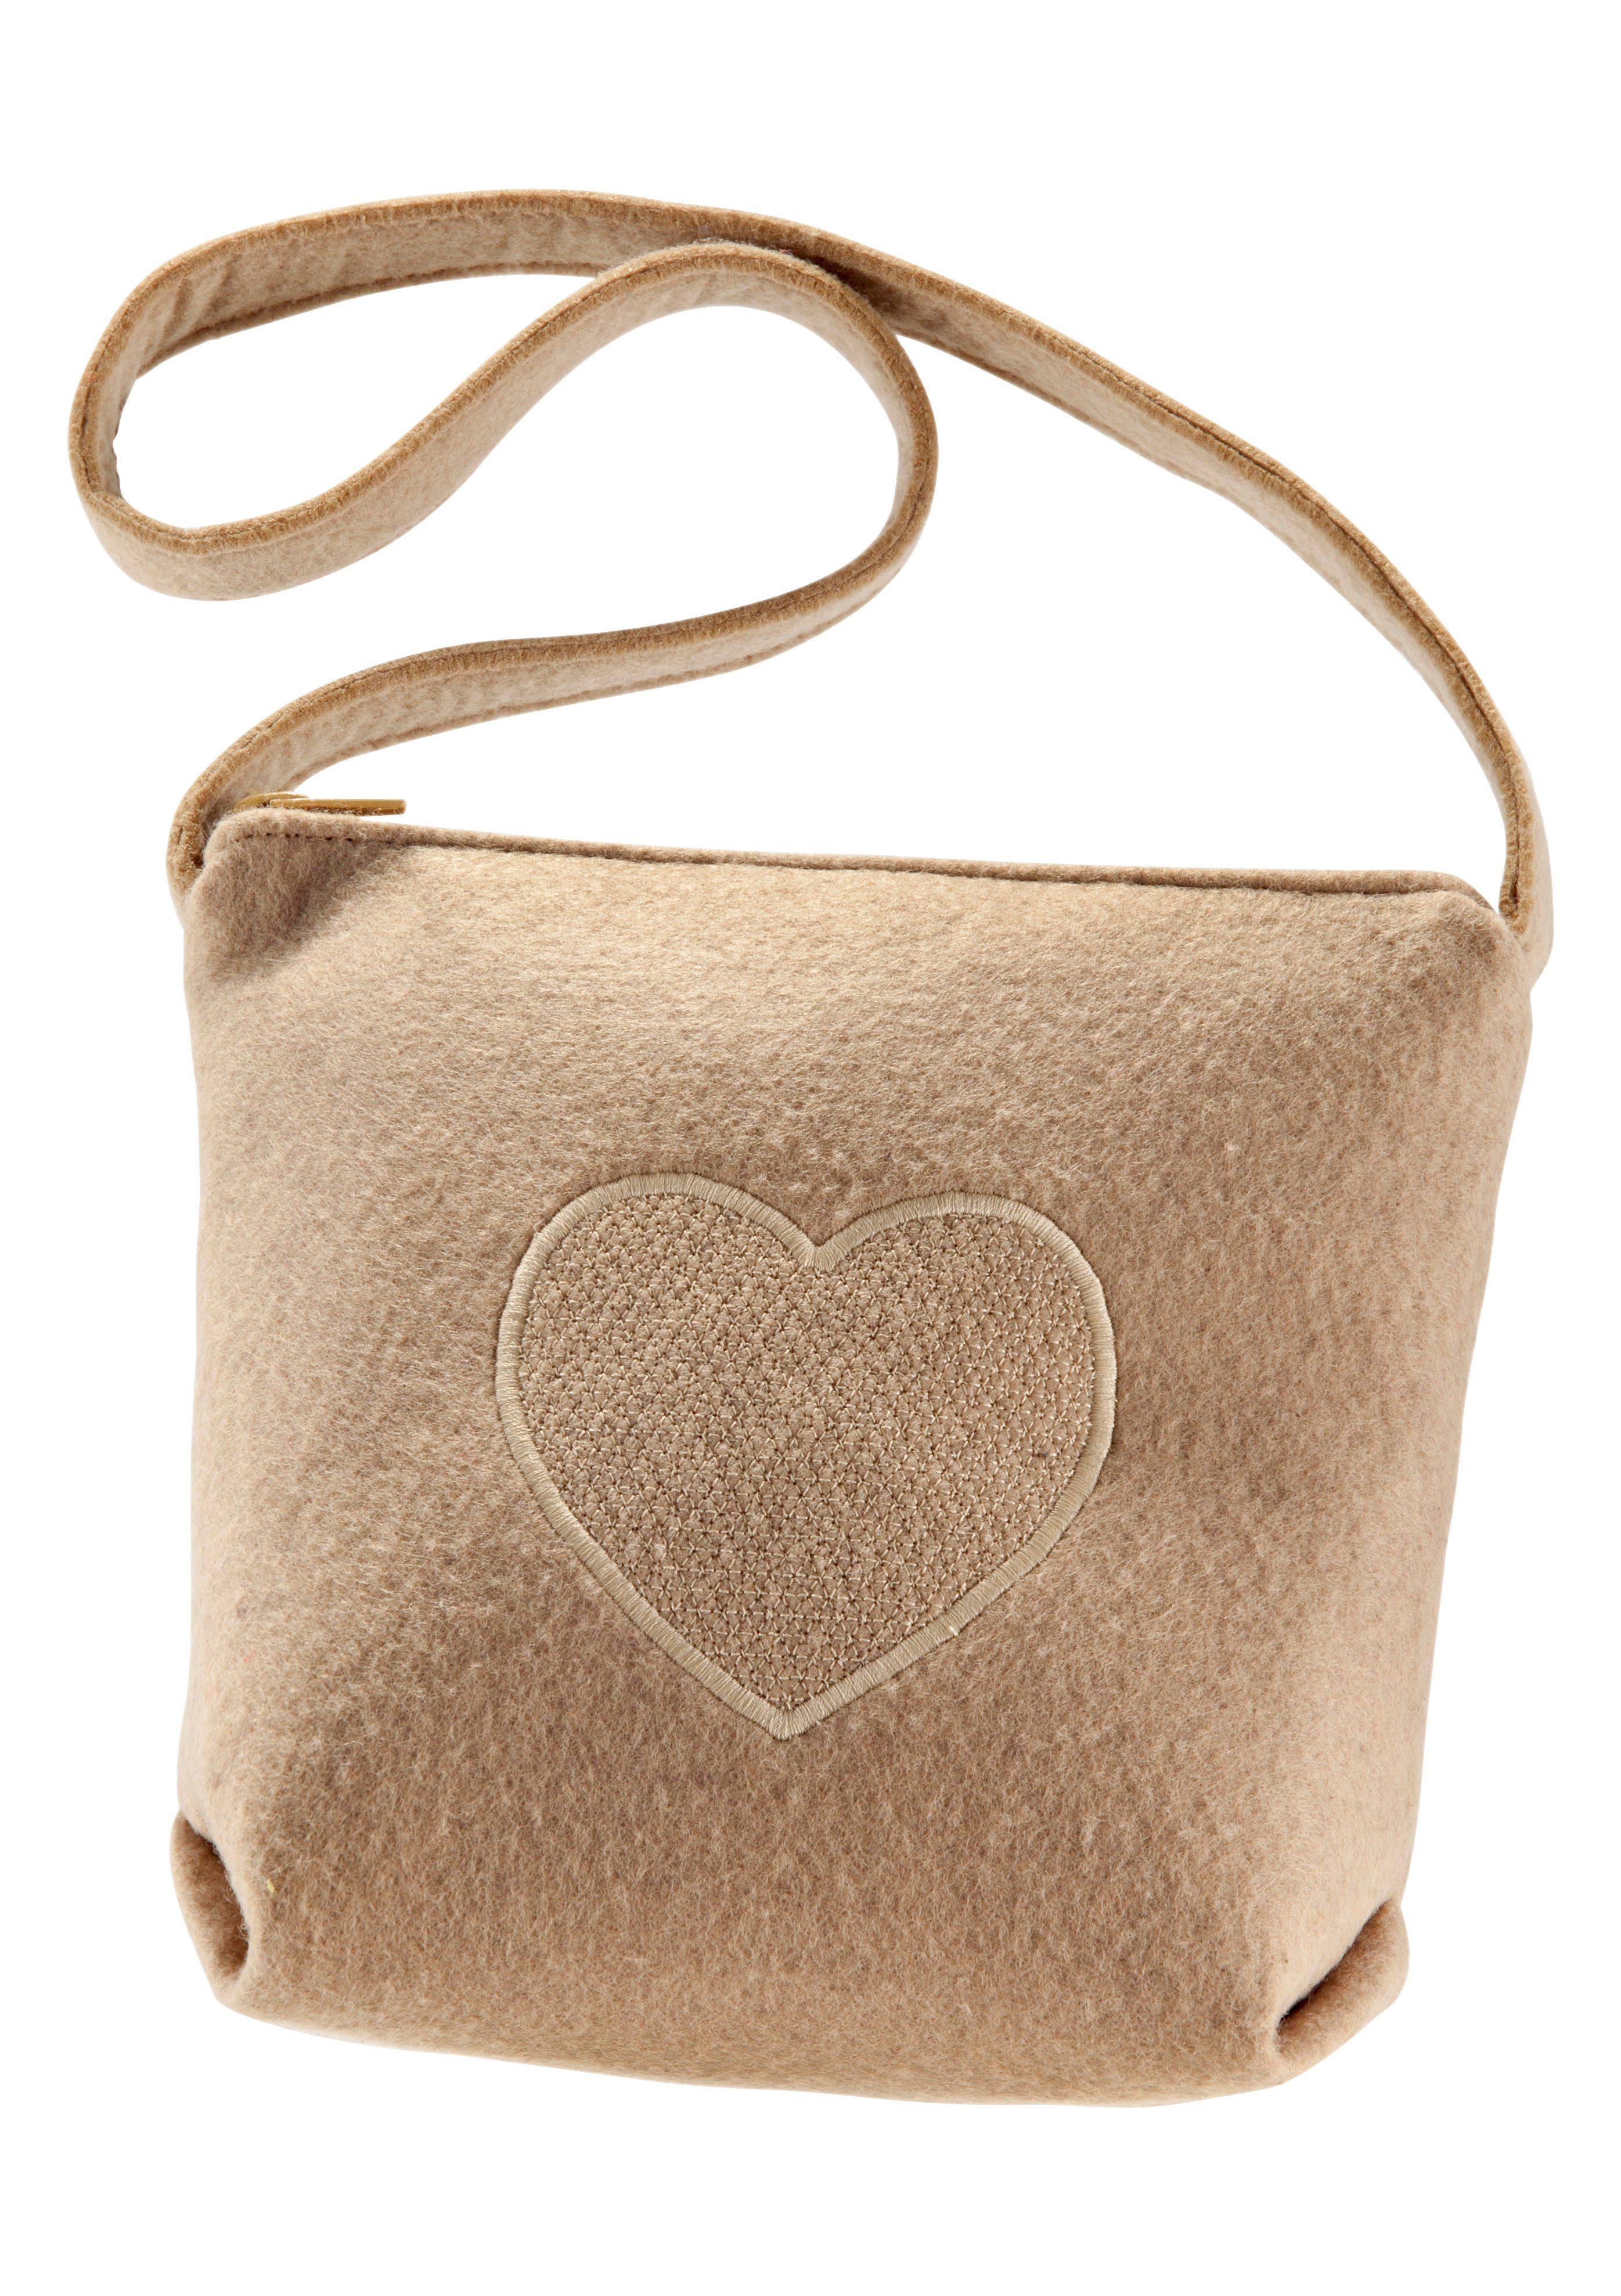 Trachtentasche in Filzoptik, K&K Kunstduo